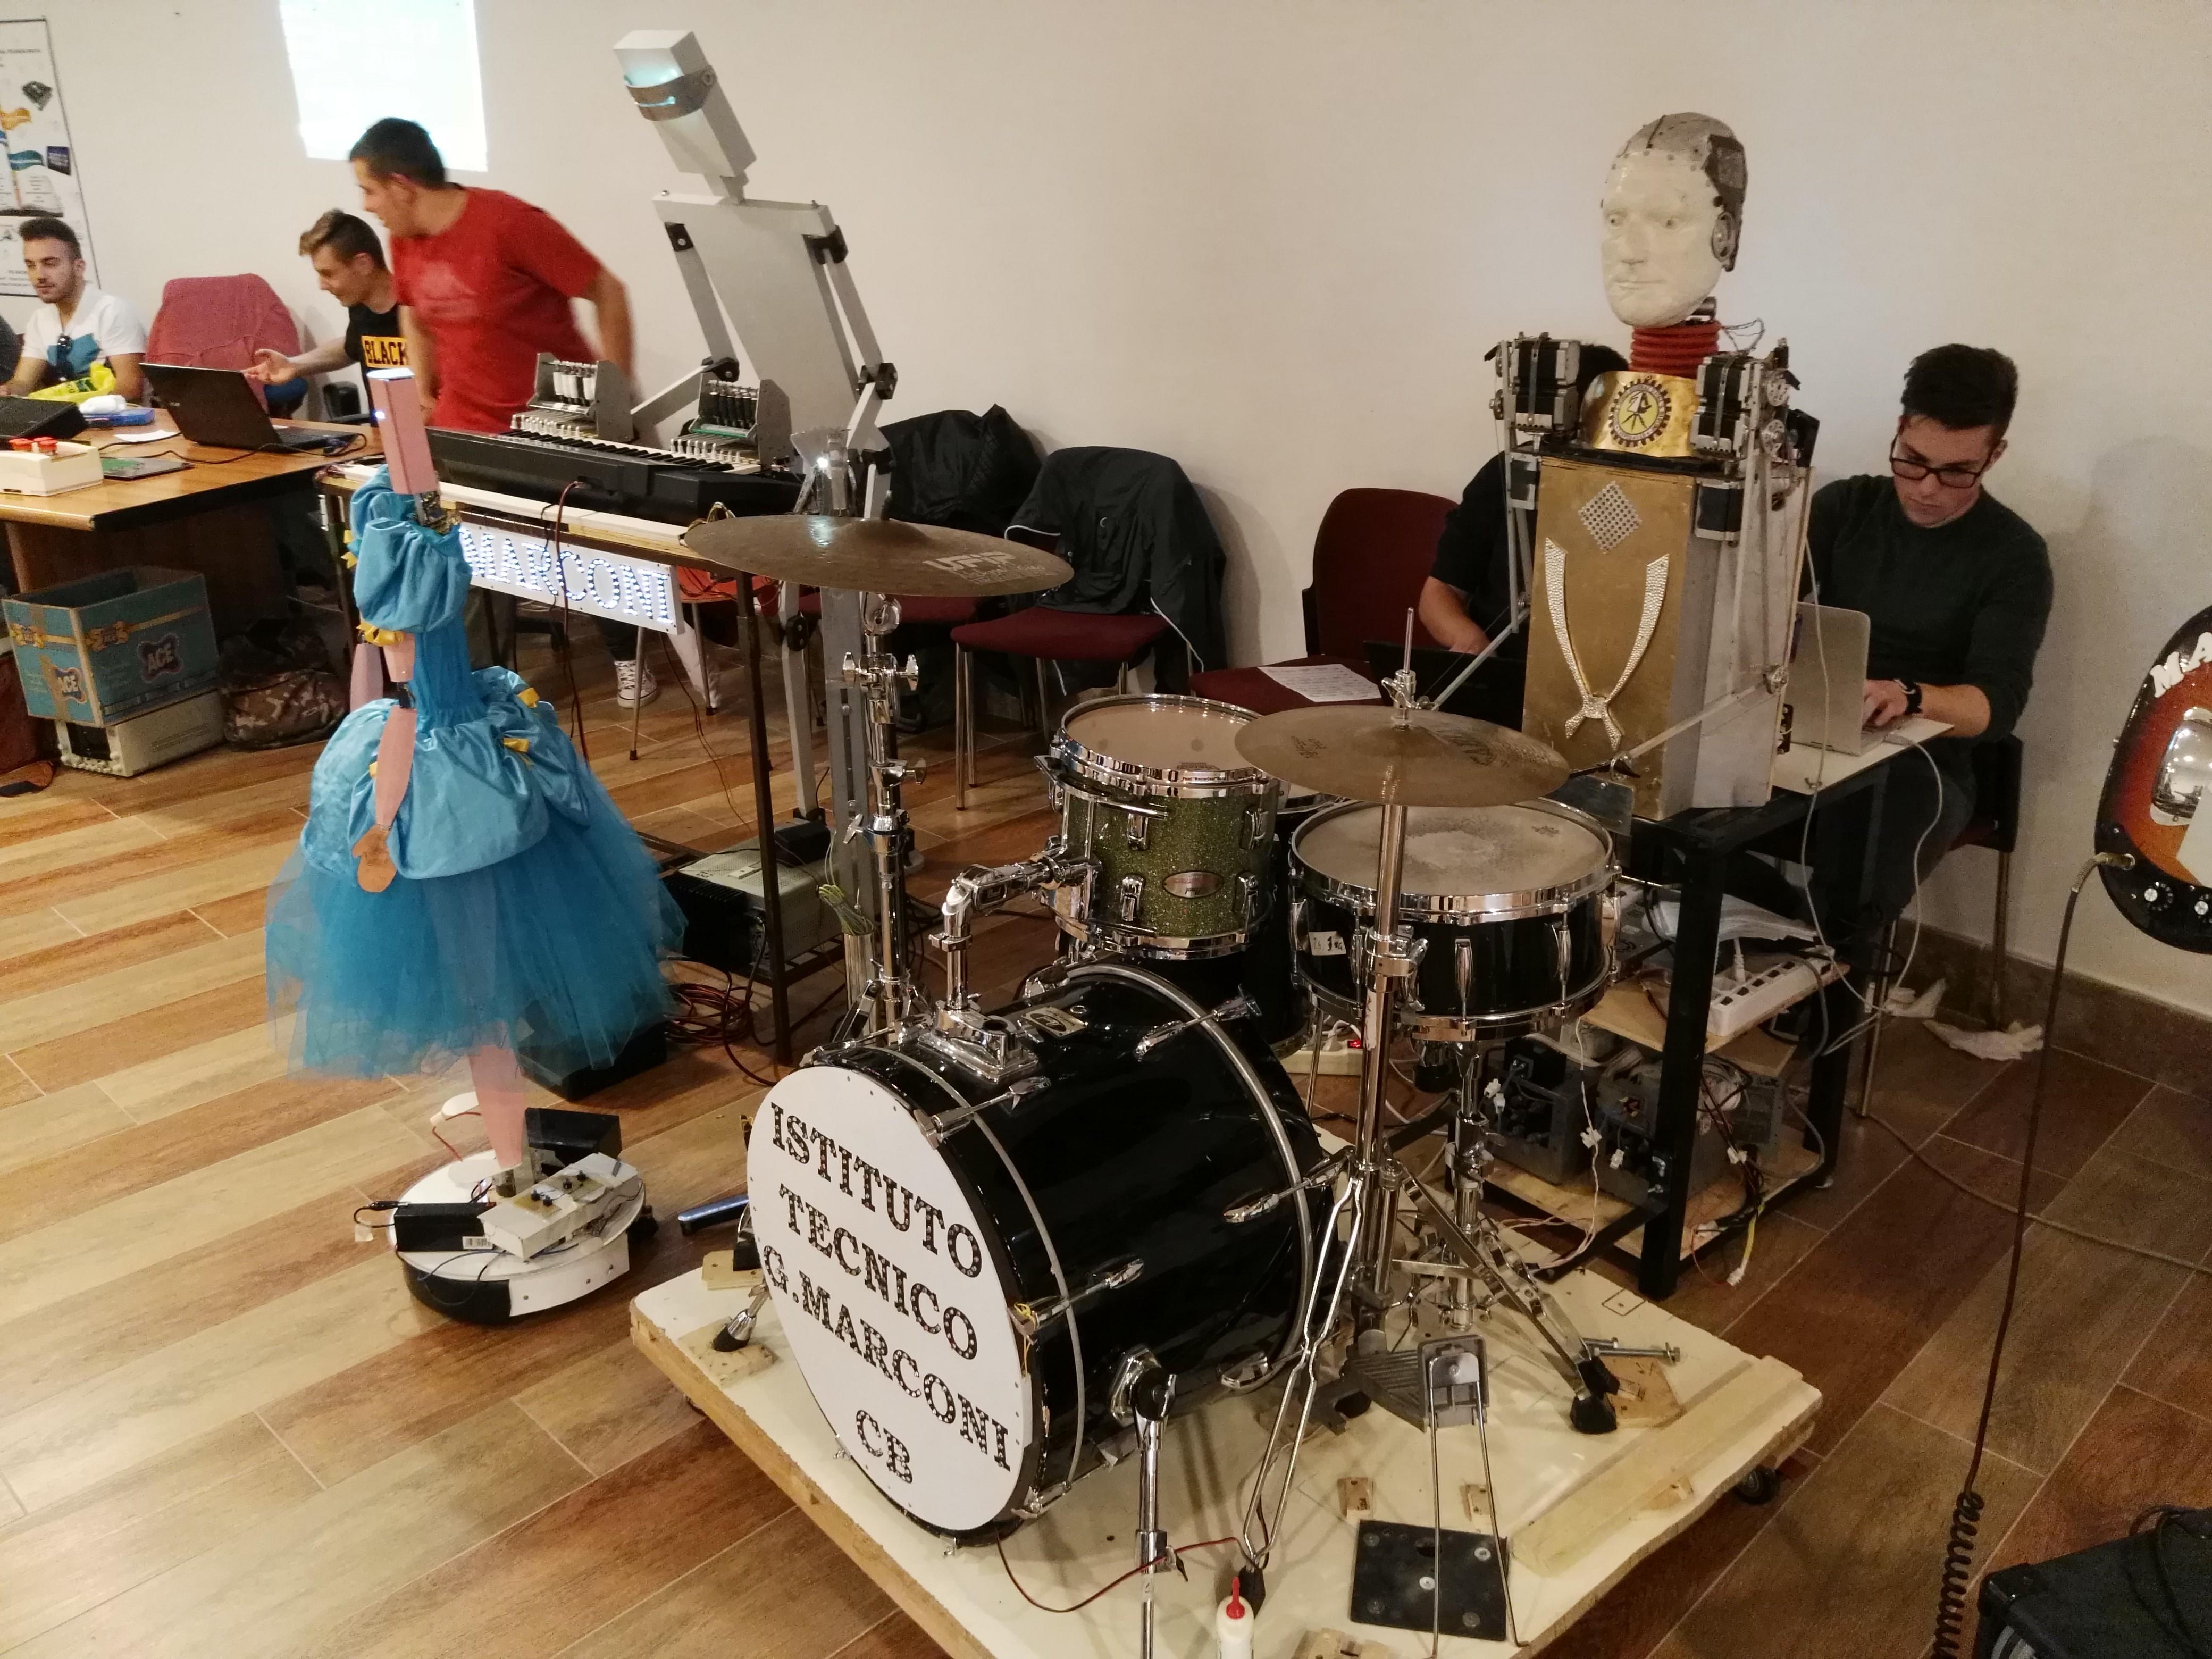 Robot band music